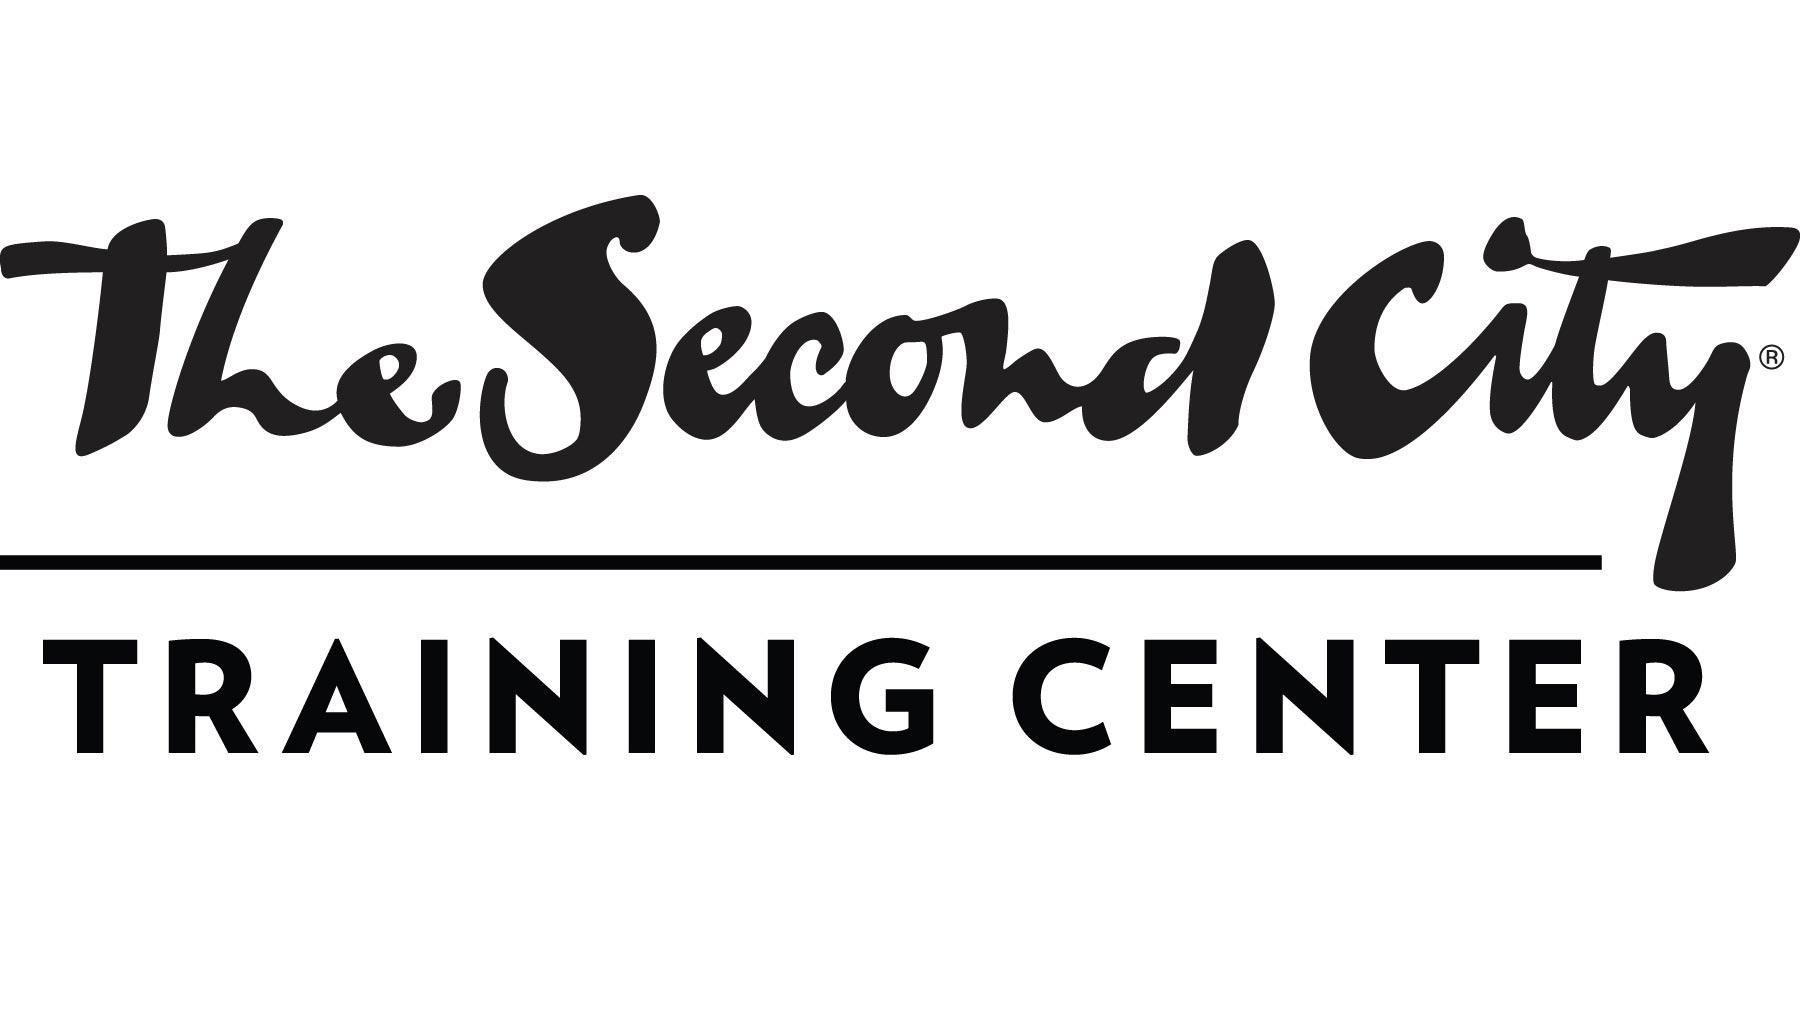 White Training Center Logo